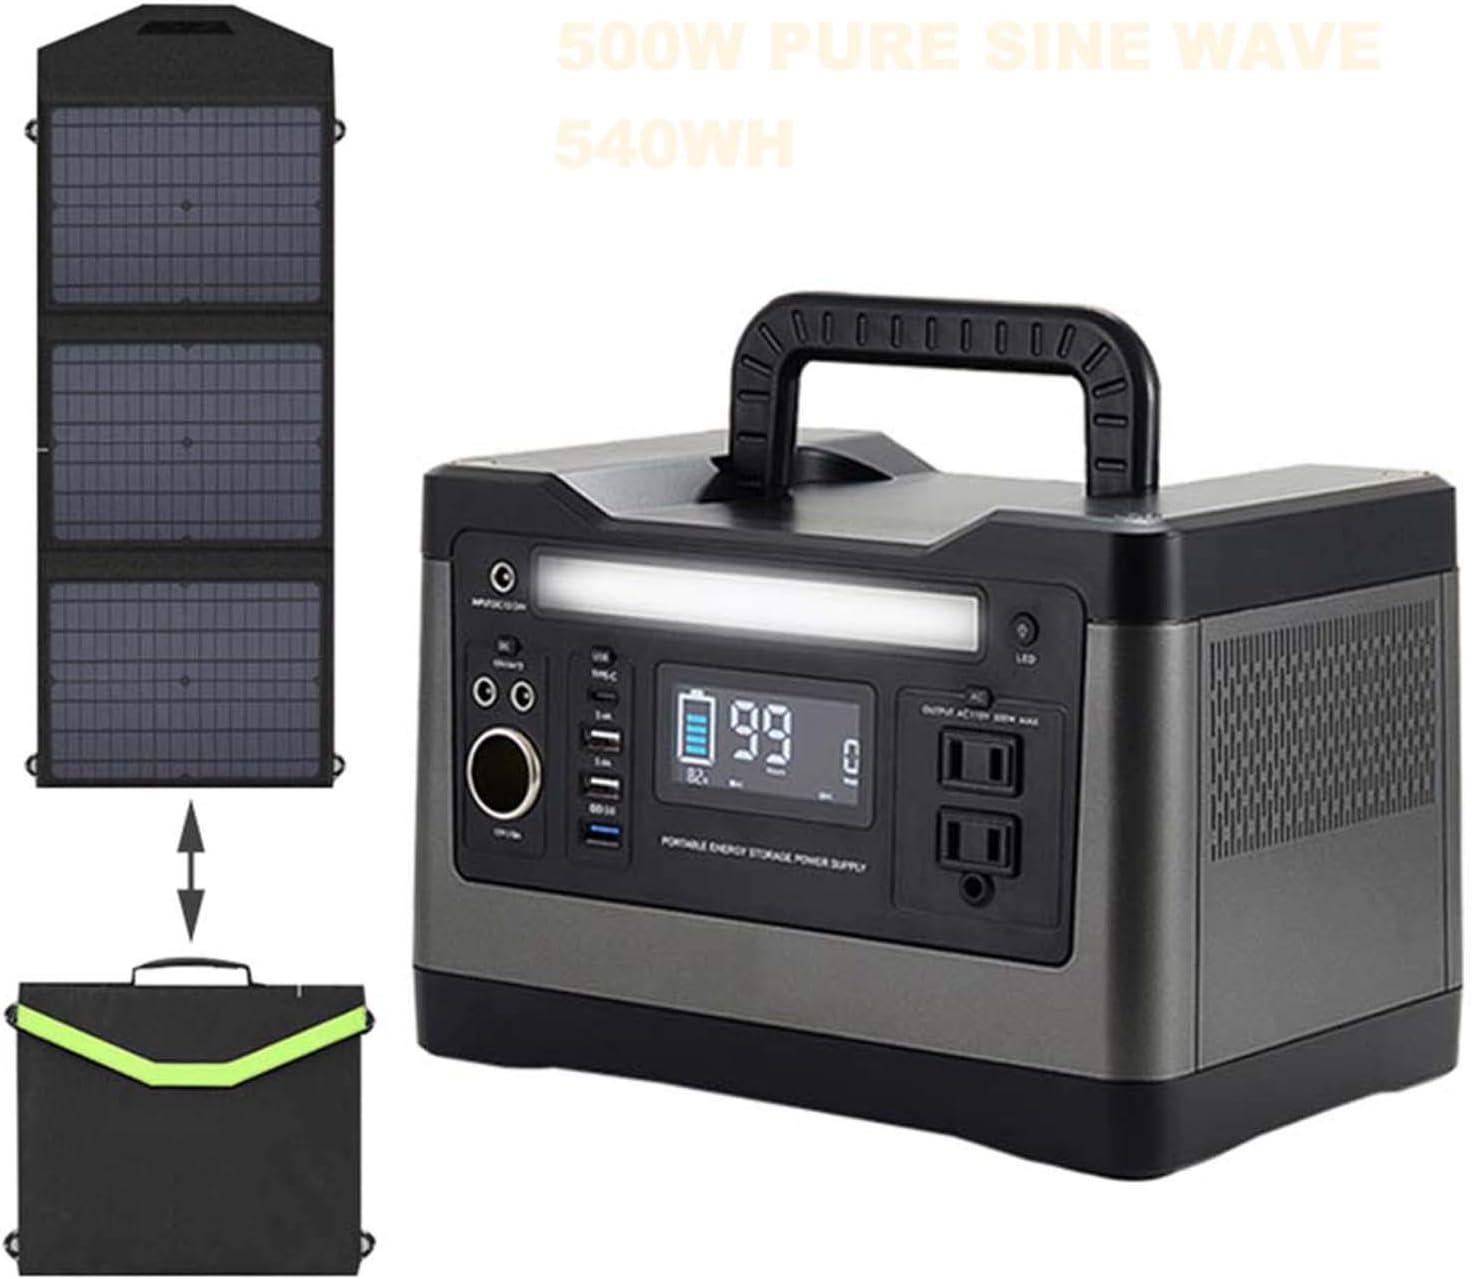 500W Generador Solar + 60W Panel Solar Energía De Almacenamiento De Energía Portátil Energía For Acampar Al Aire Libre Caja De Almacenamiento De ...